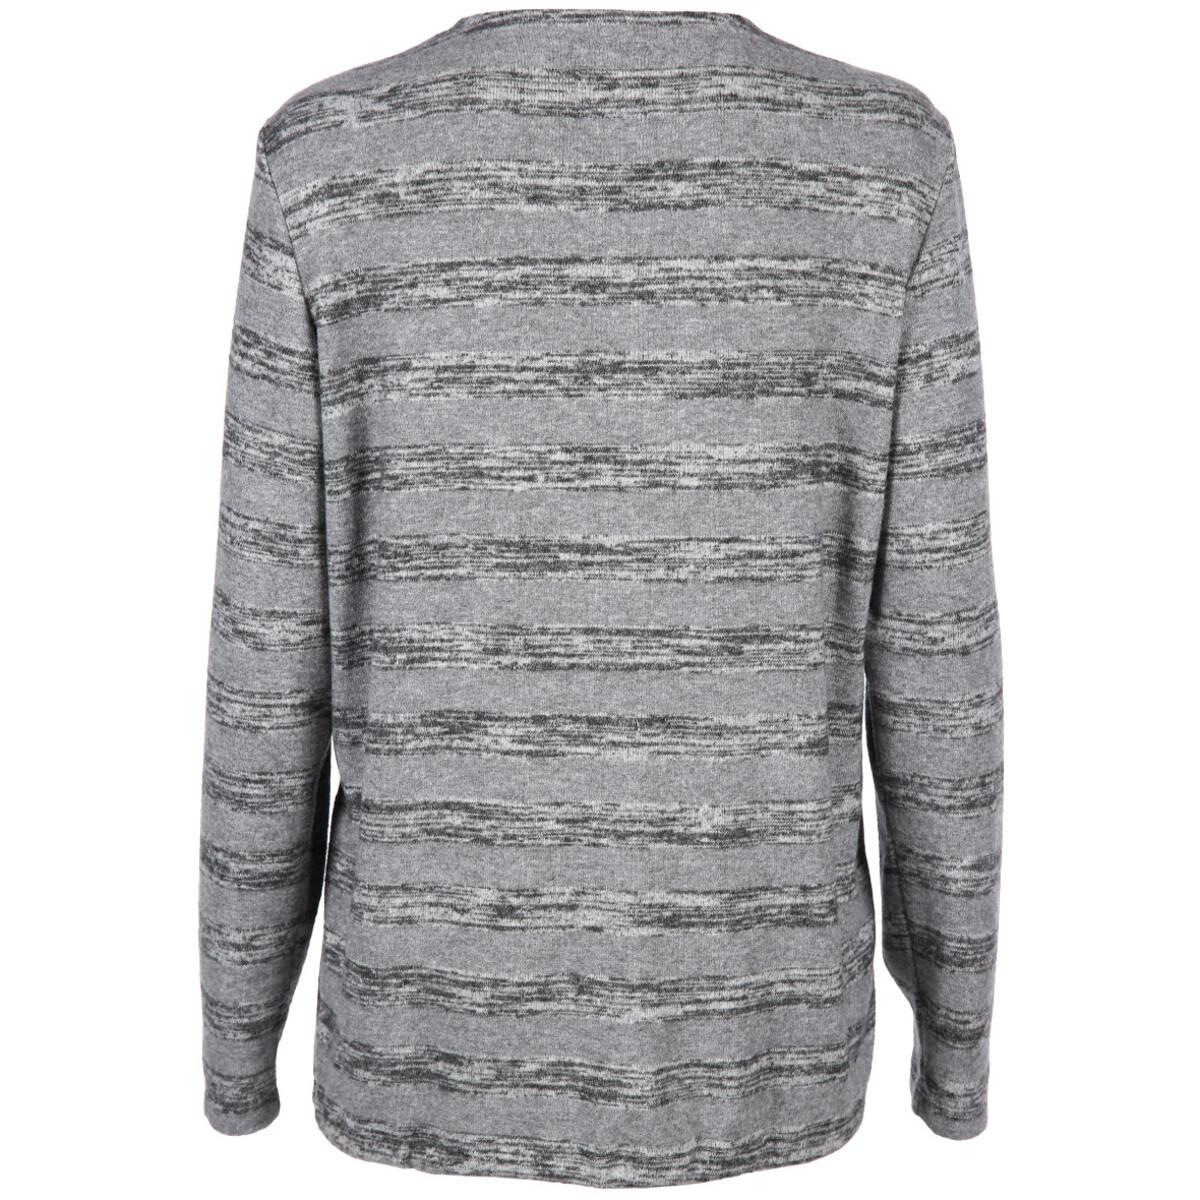 Bild 2 von Damen Shirt mit Pailletten Print Motiv